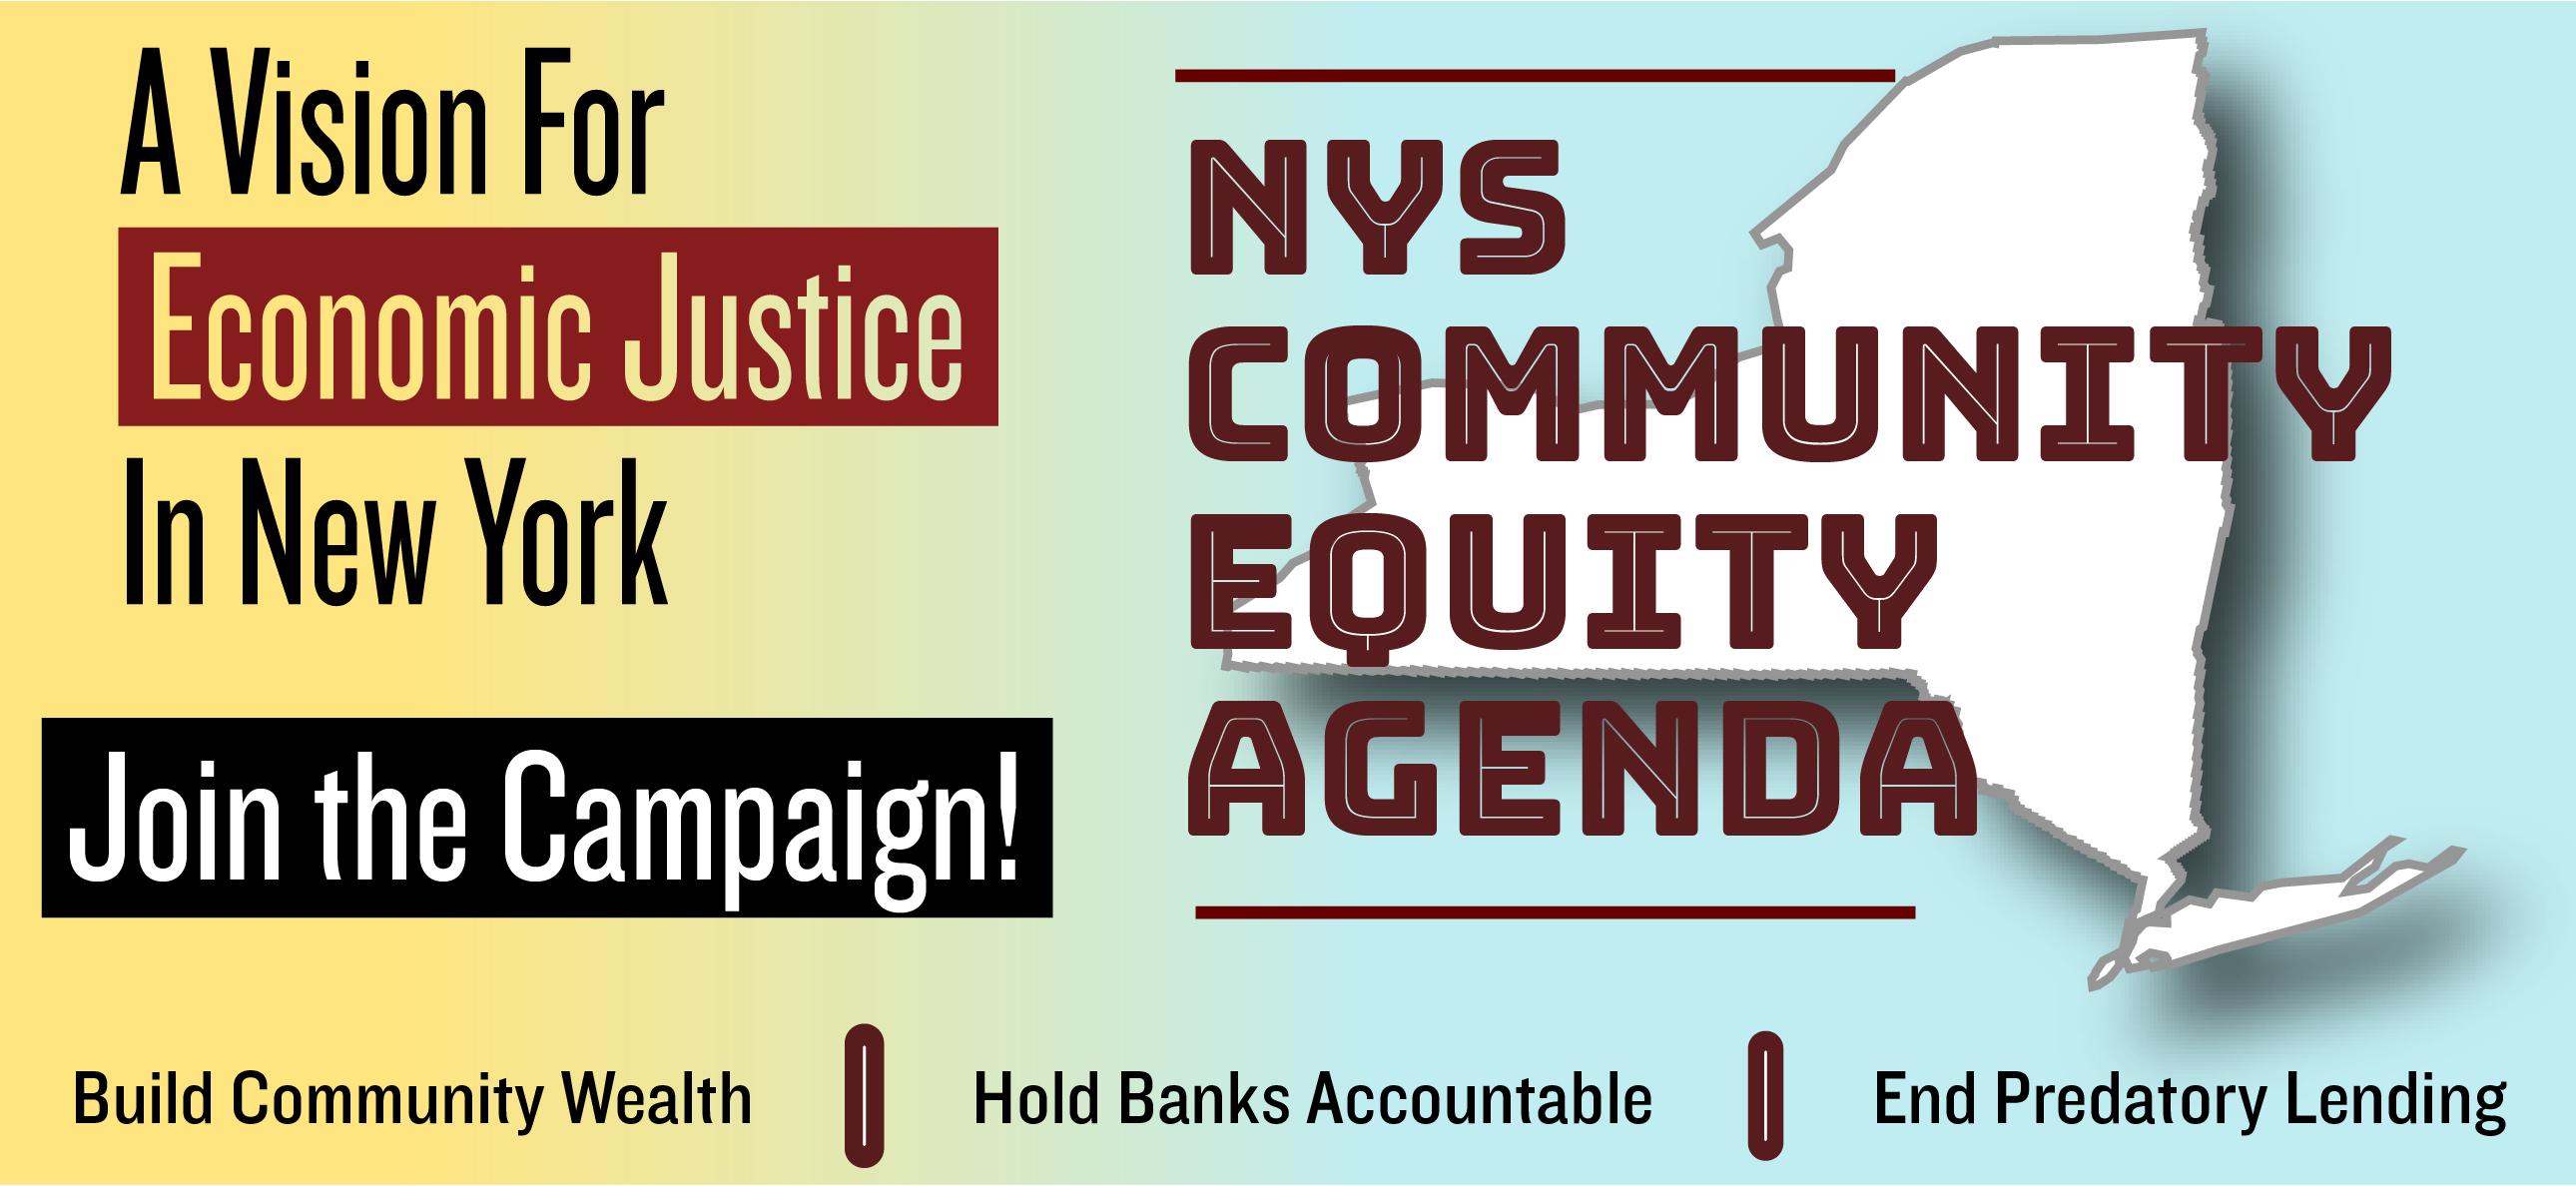 NY Community Equity Agenda